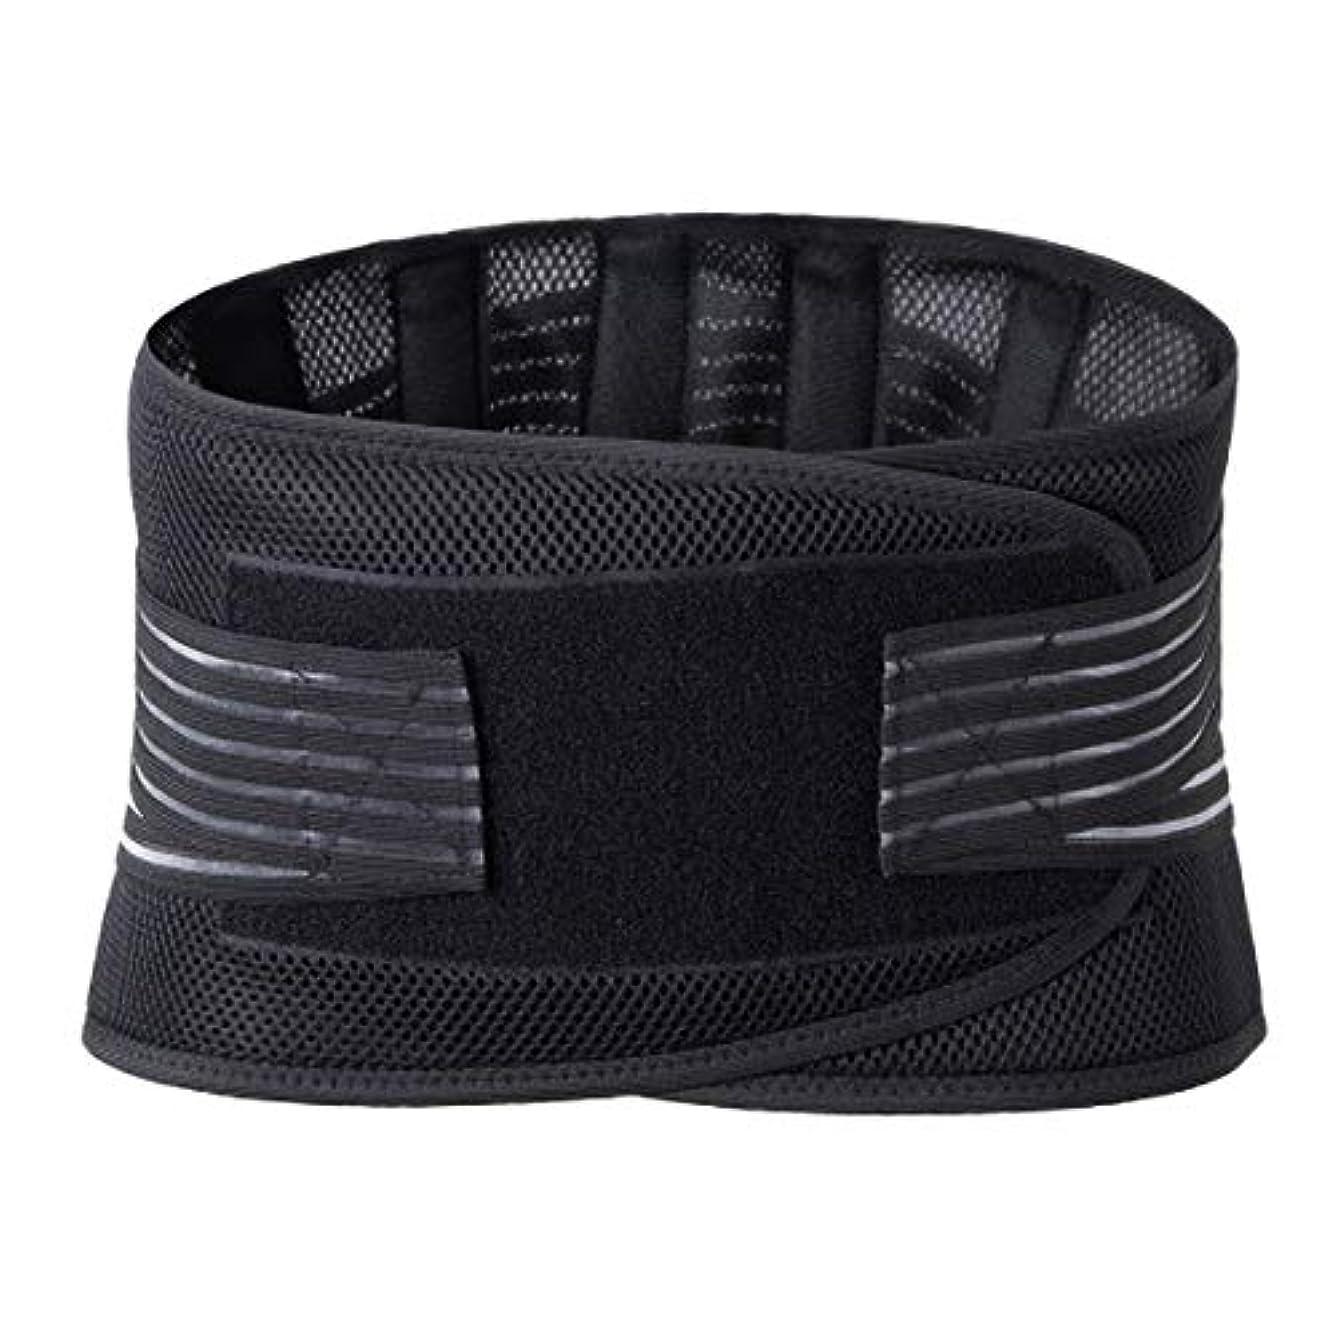 ピアノ活性化するジェットランバーウエストサポートバックブレースベルトウエストサポートブレースフィットネススポーツ保護姿勢コレクター再構築 - ブラック